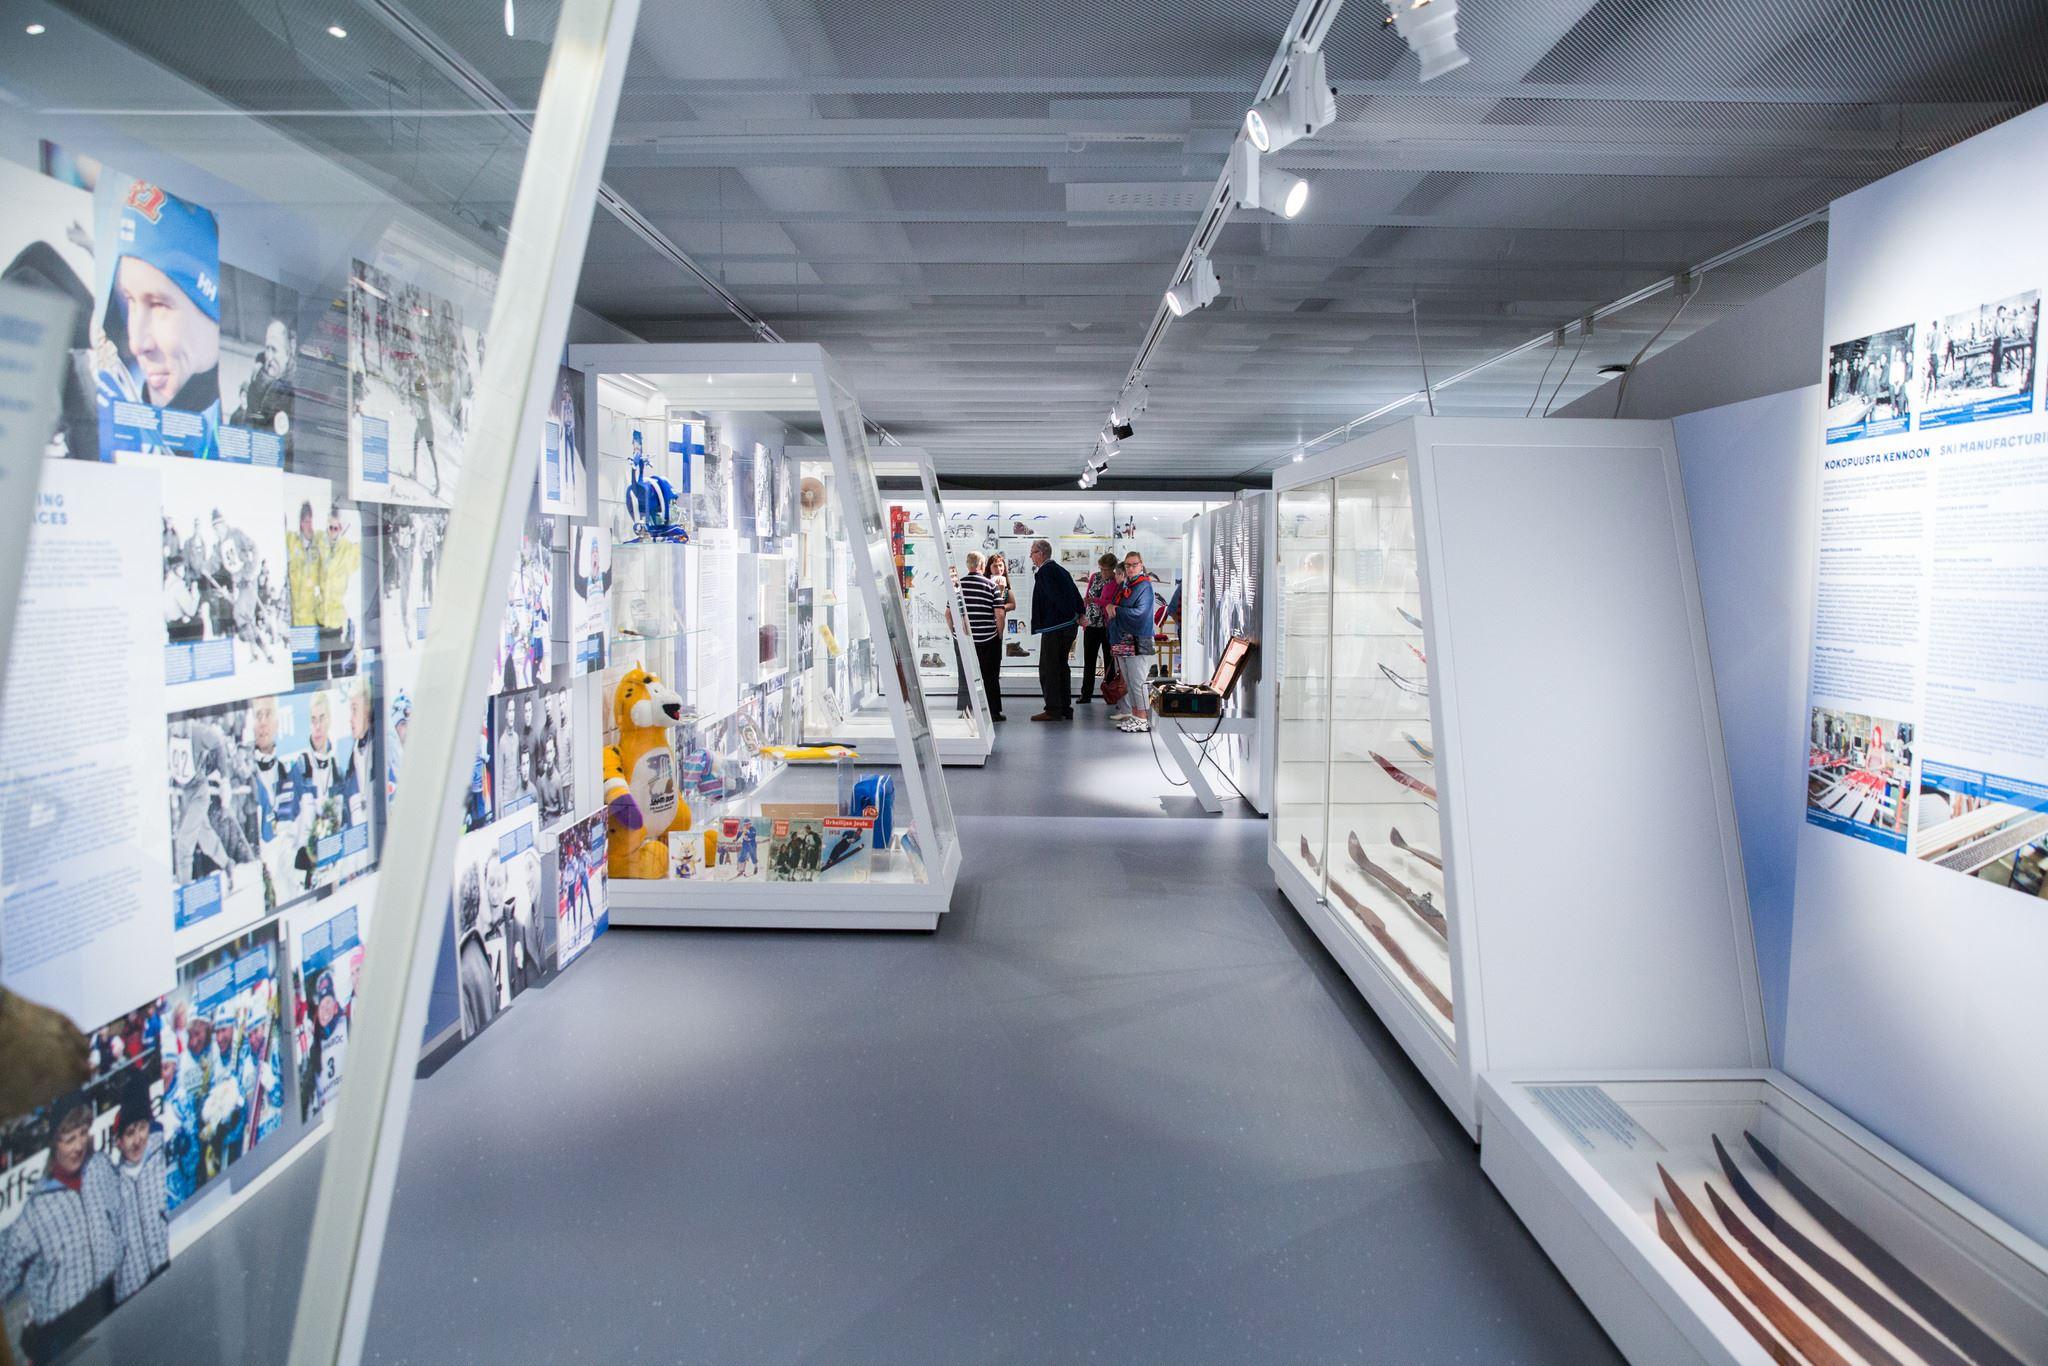 Hiihtomuseo | Lahden museot